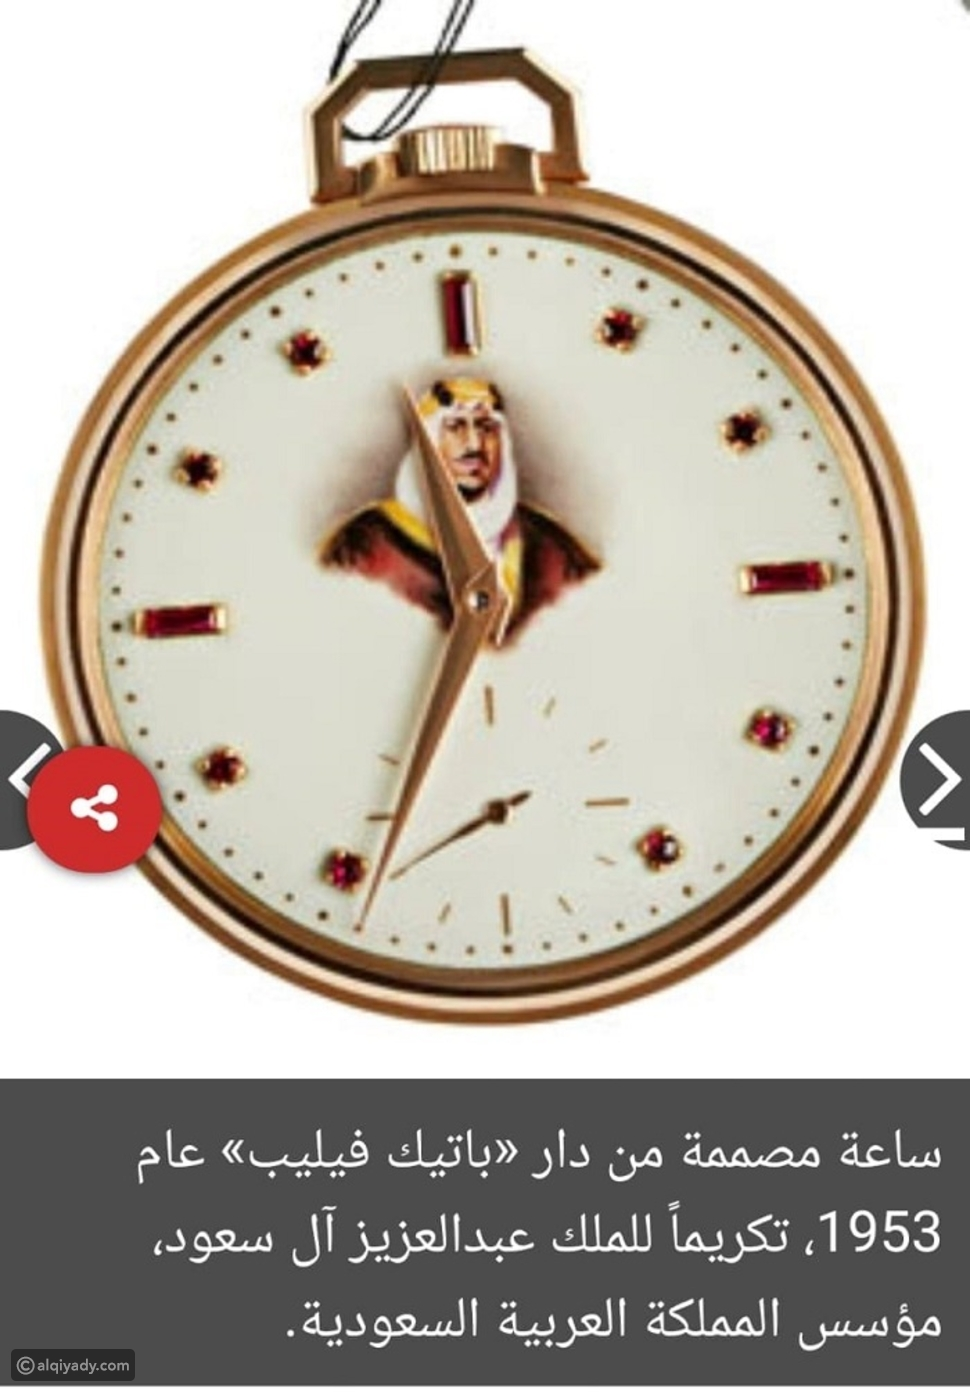 خالد عبدالرحمن يتلقى هدية نادرة من الذهب الخالص قيمتها 400 ألف ريال